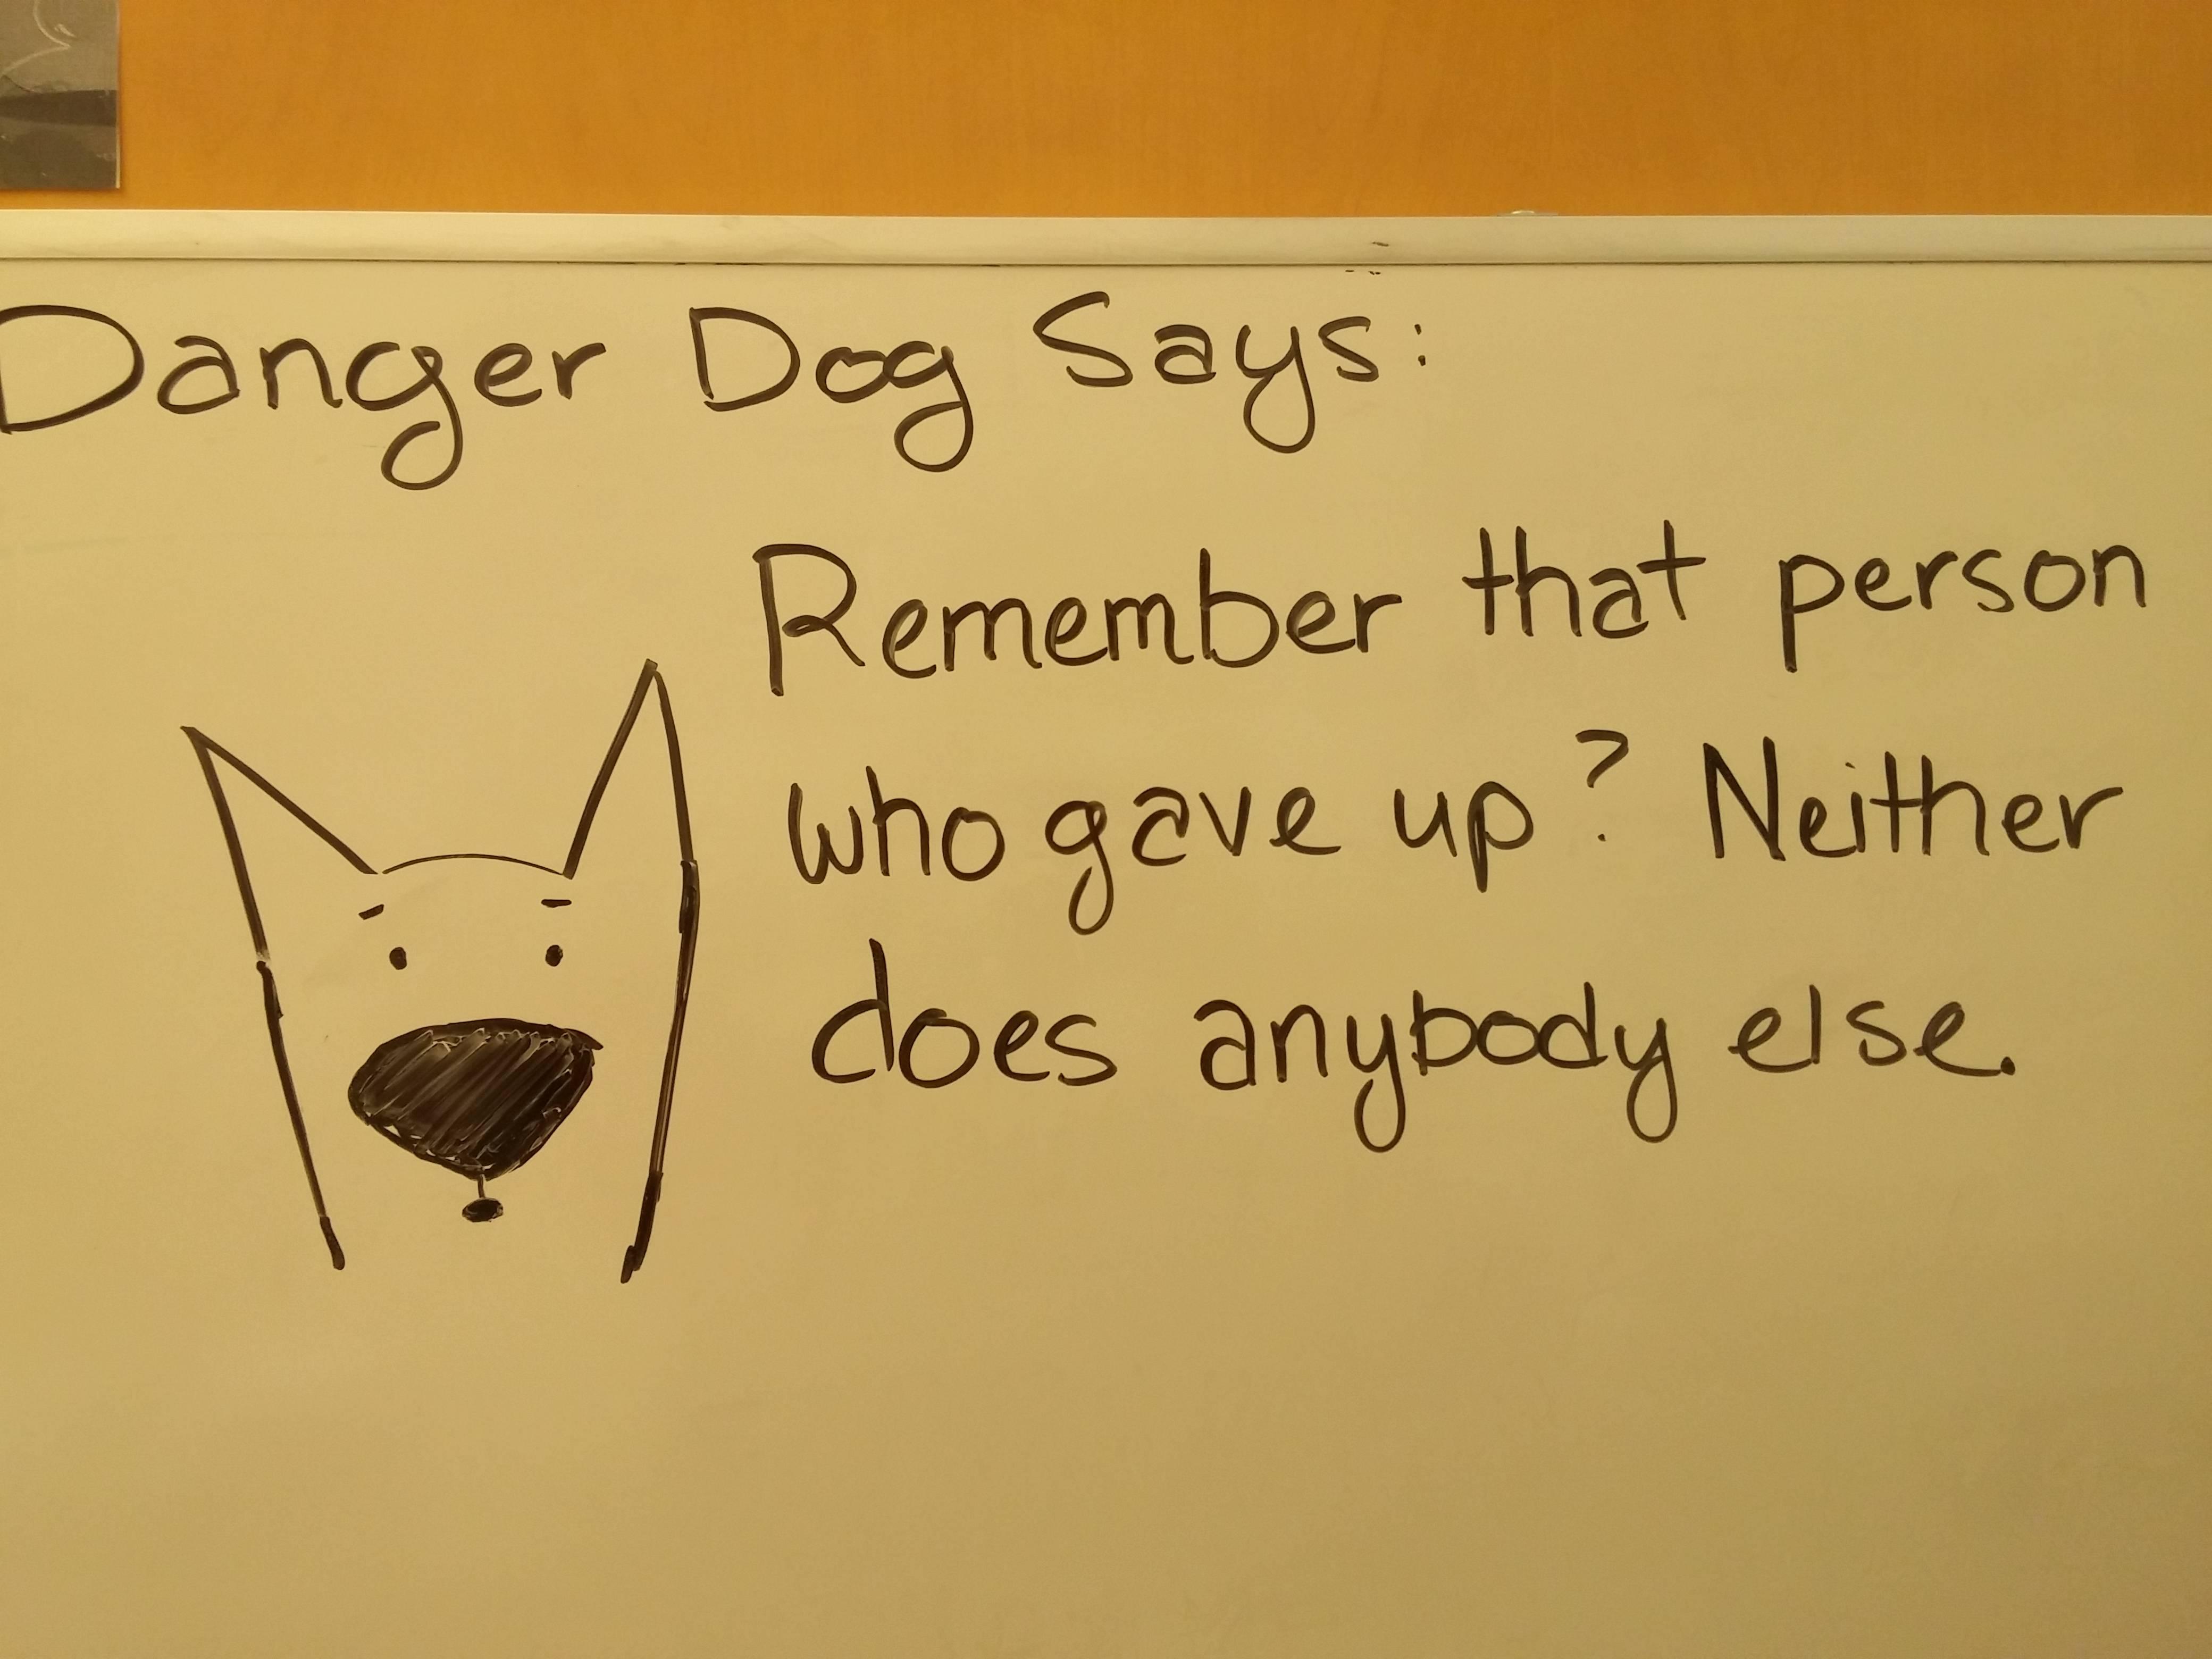 [Image] Thanks again, Danger Dog.